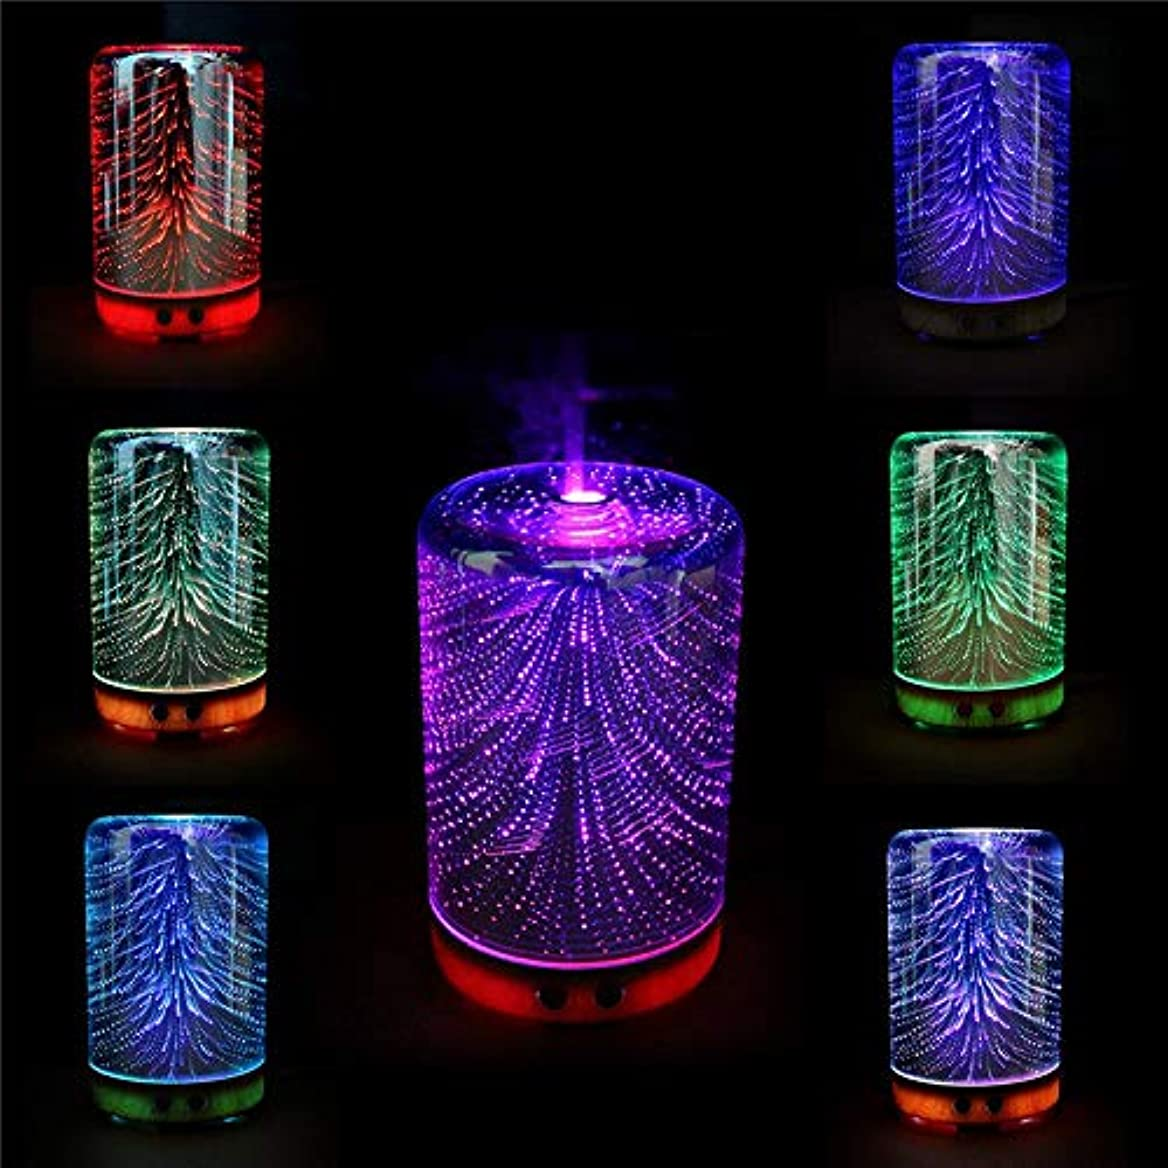 減衰アレルギー粒子Fishagelo Color Changing 3D Lighting Essential Oil Aroma Diffuser Ultrasonic Mist Humidifier Aromatherapy 141[...